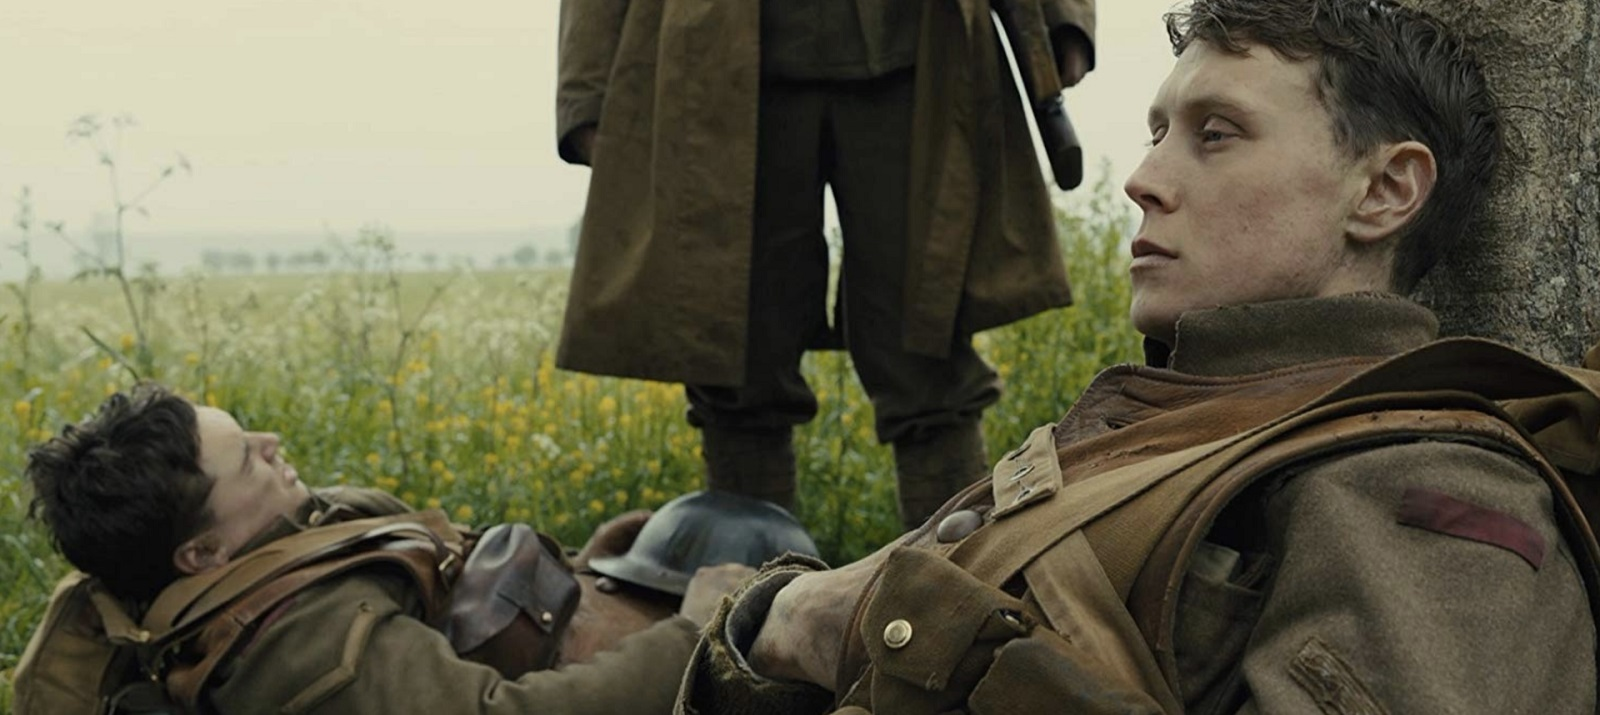 """Личная история: Рецензия на фильм """"1917"""""""